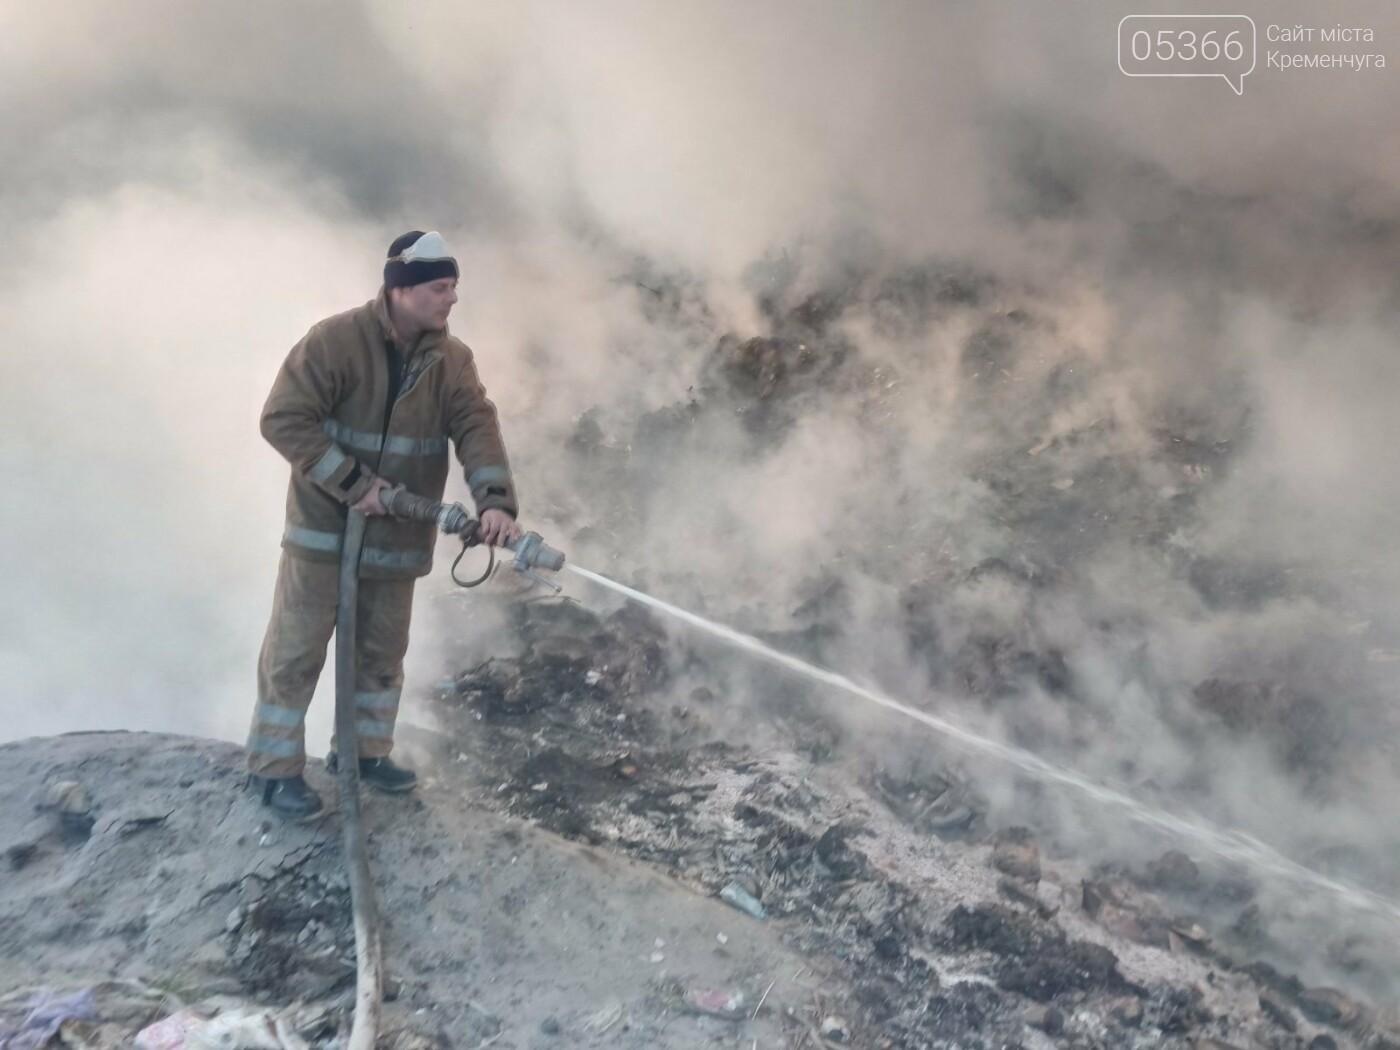 У Кременчуці горіло міське сміттєзвалище: пожежники боролись з вогнем протягом  восьми годин, фото-1